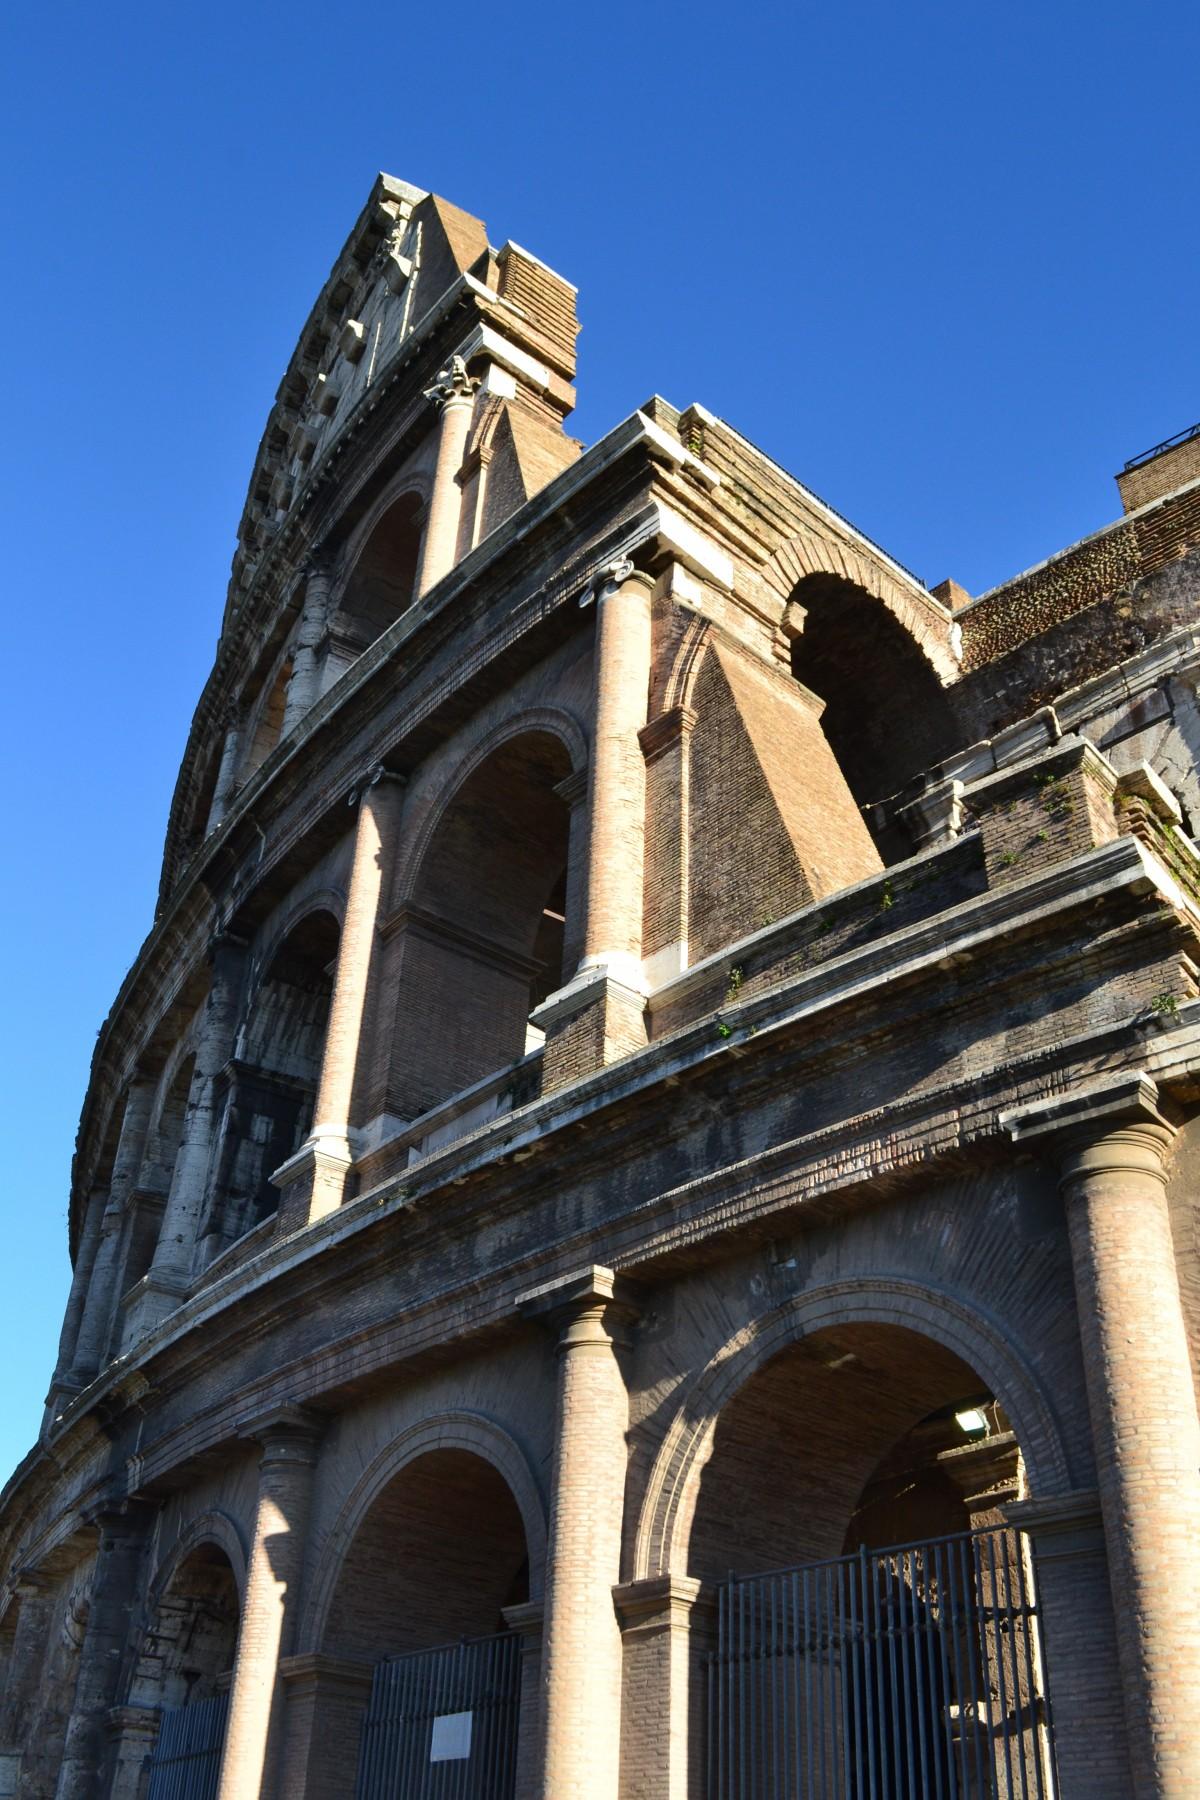 Images gratuites colis e 2017 site historique mur for Architecture ancienne